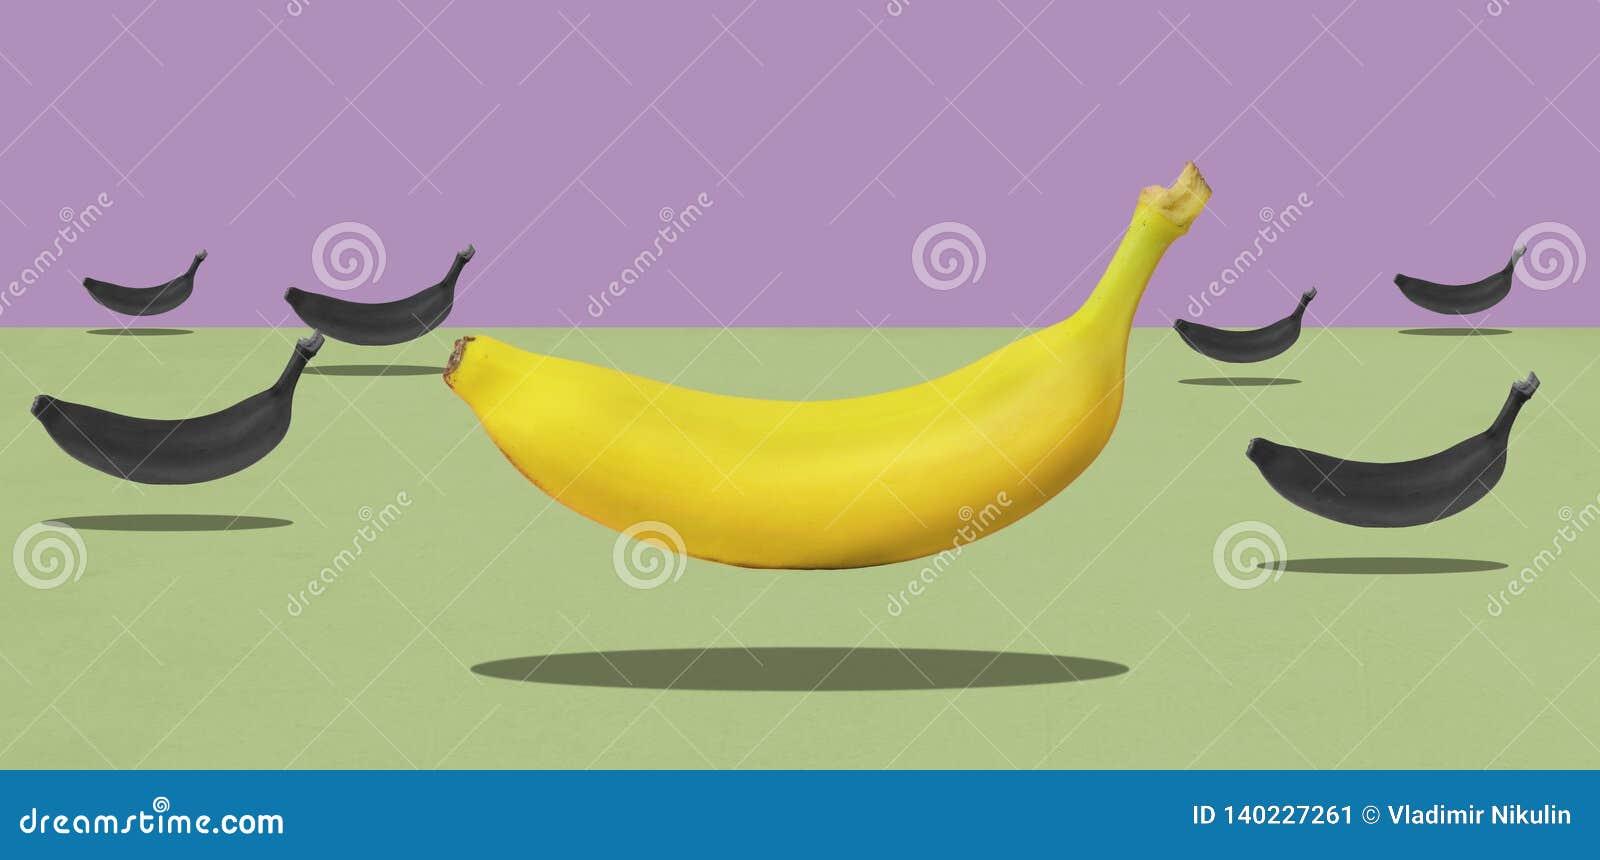 Gruppen av gula bananer med en som är röd, får att sväva